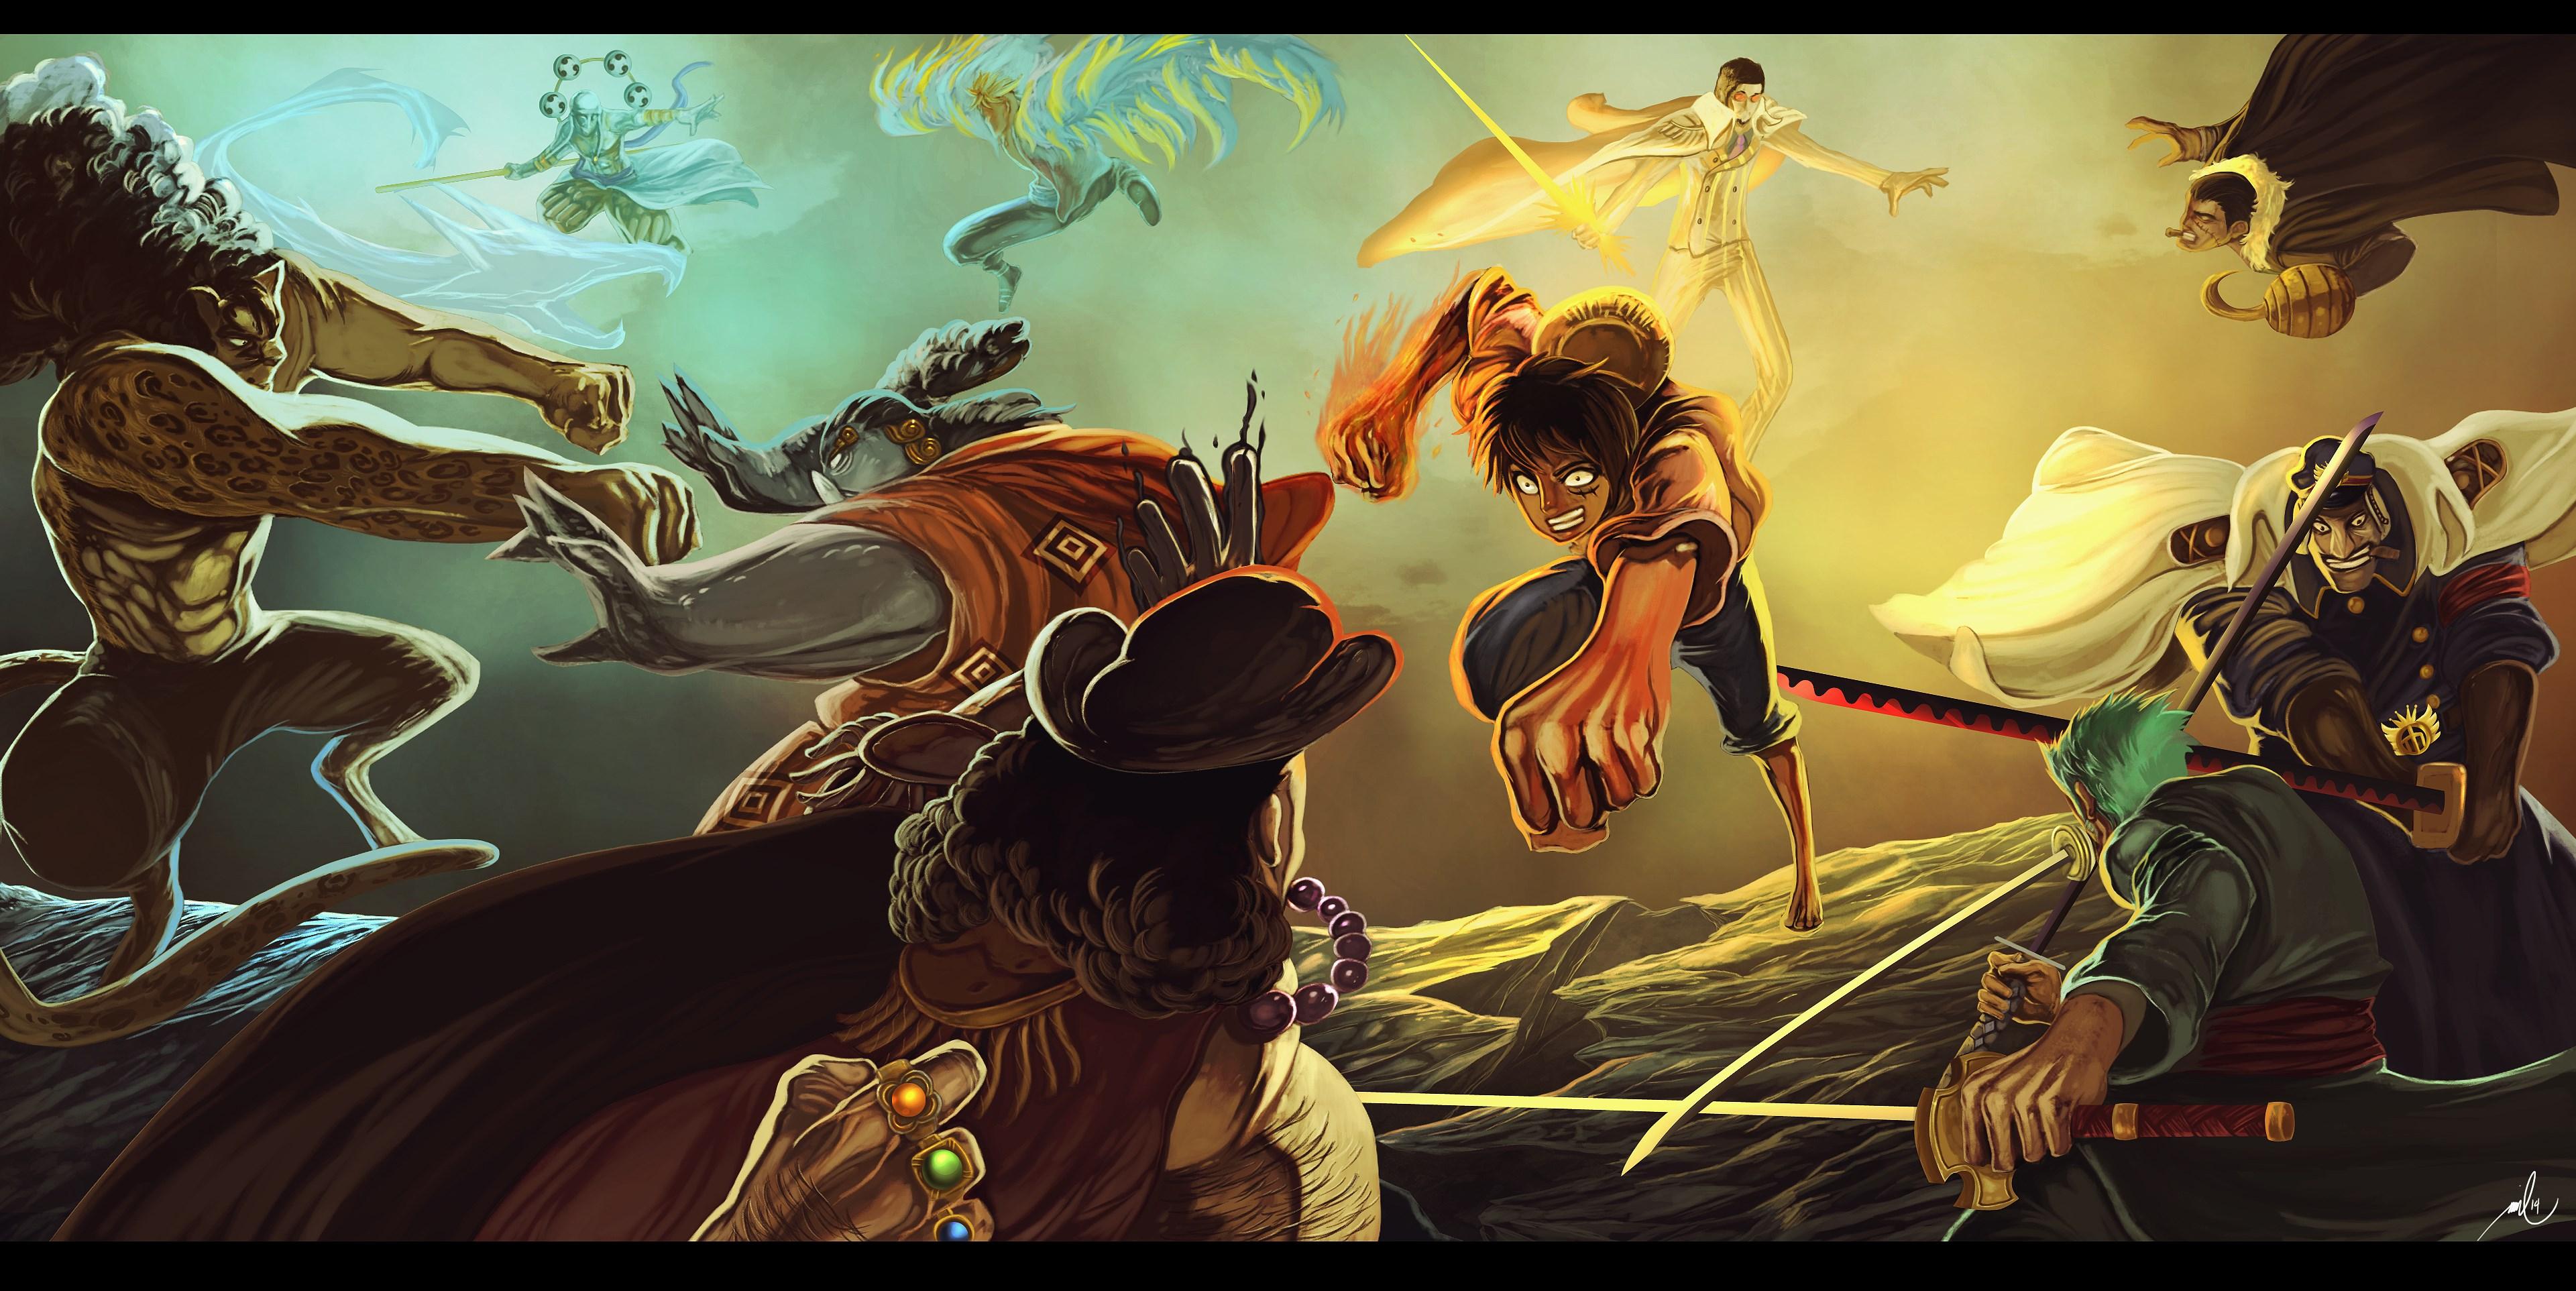 One Piece 4k Ultra Hd Wallpaper - Anime Wallpaper HD